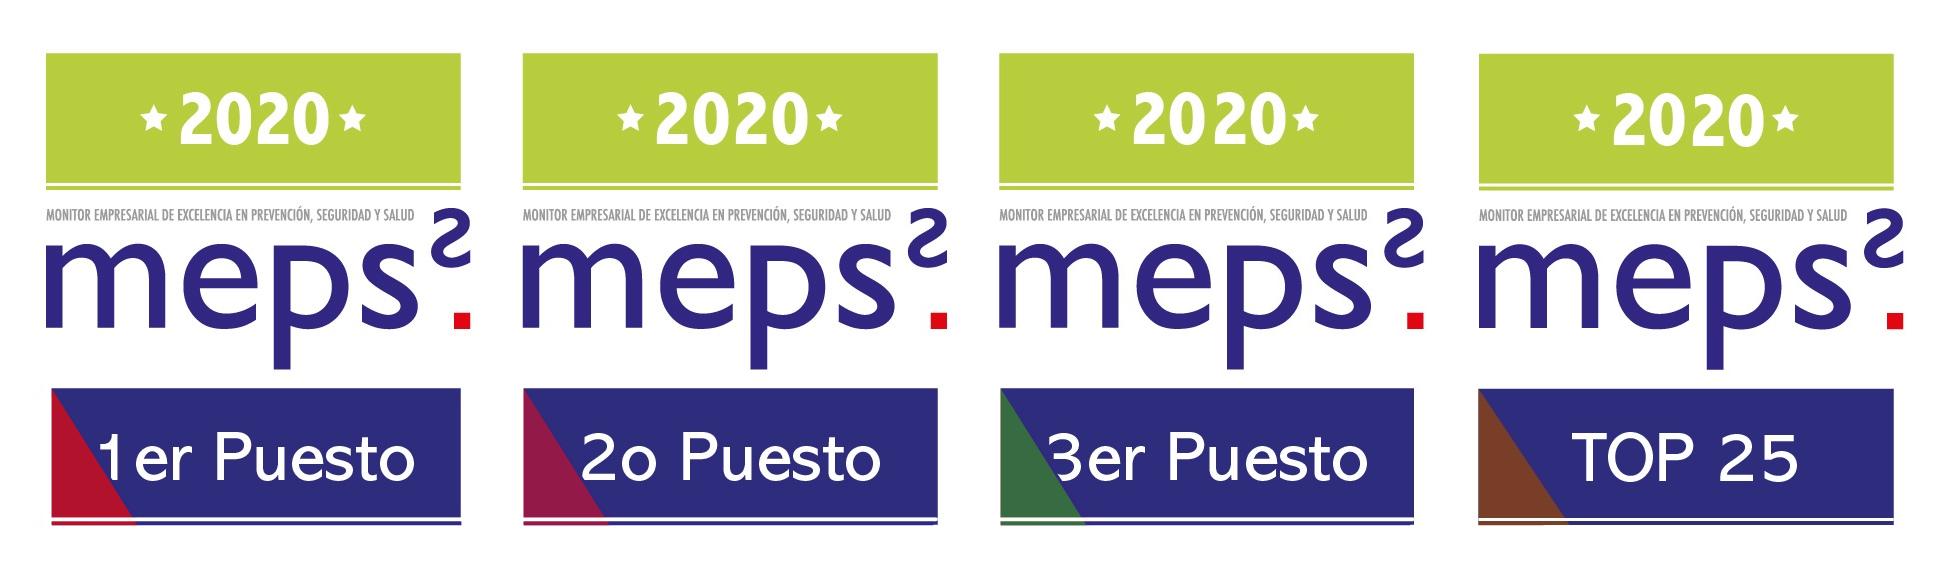 LOGOS MEPS2 2020